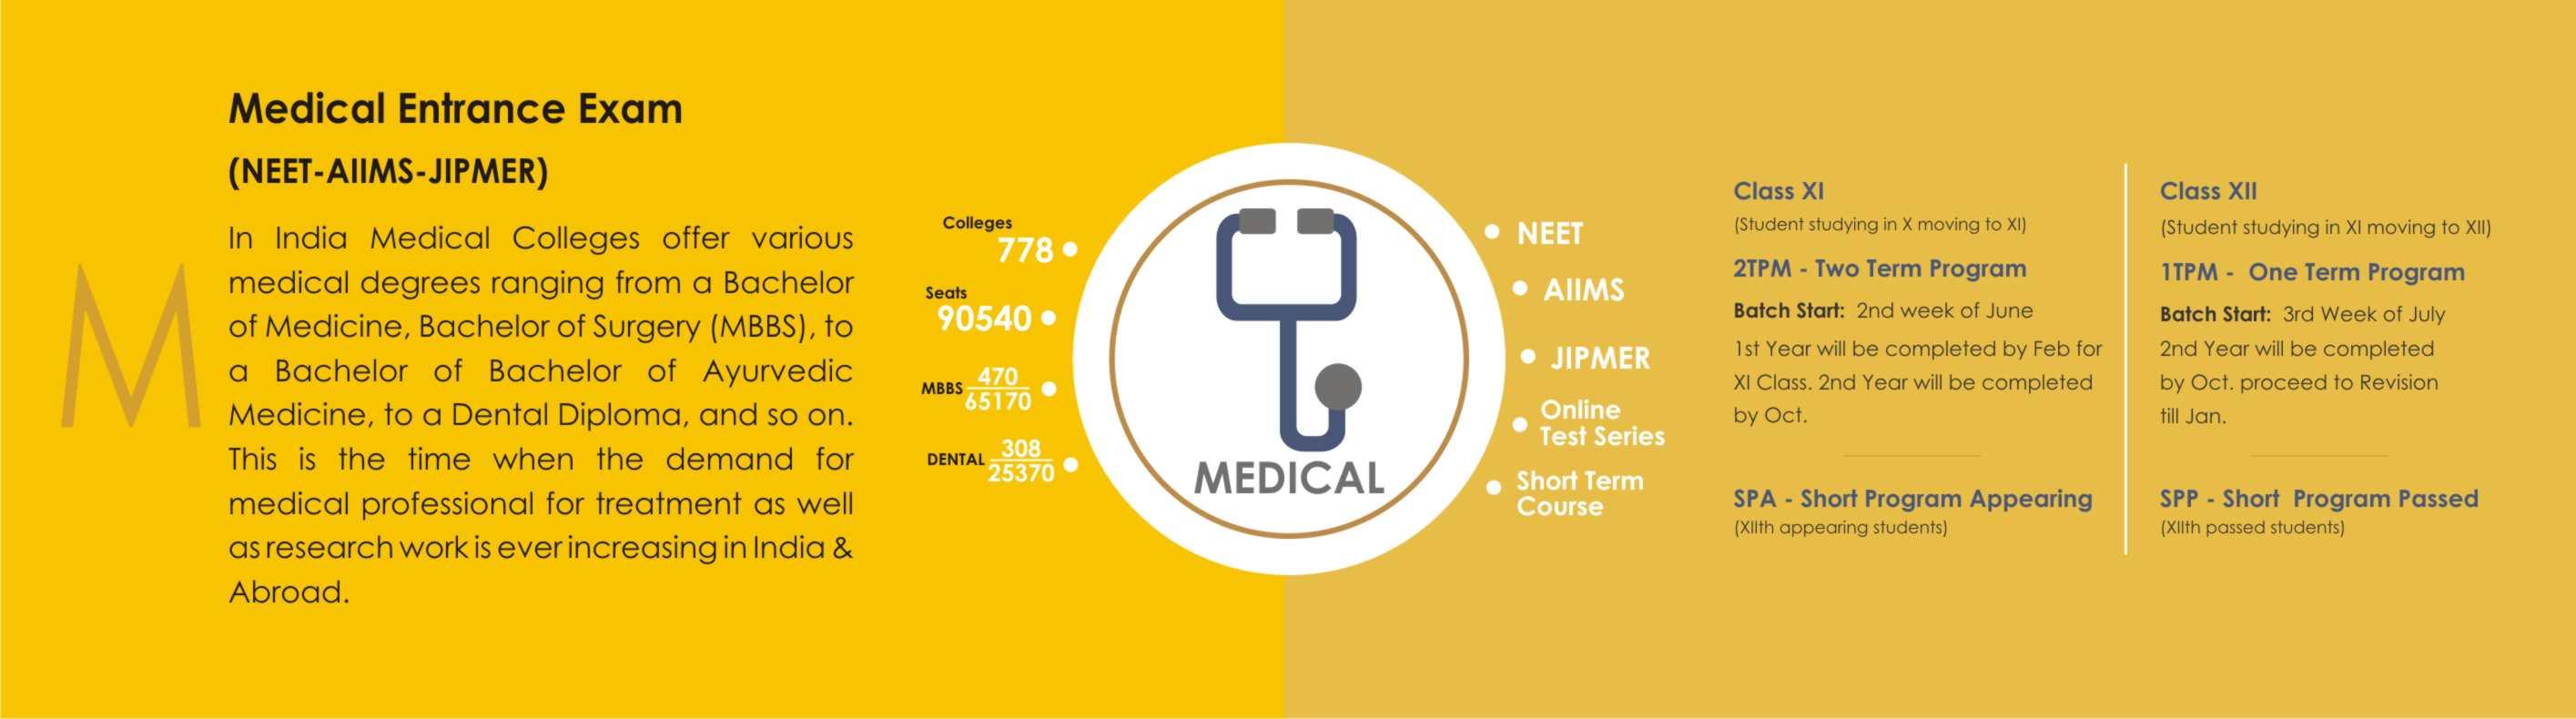 Medical_classroom_colscol